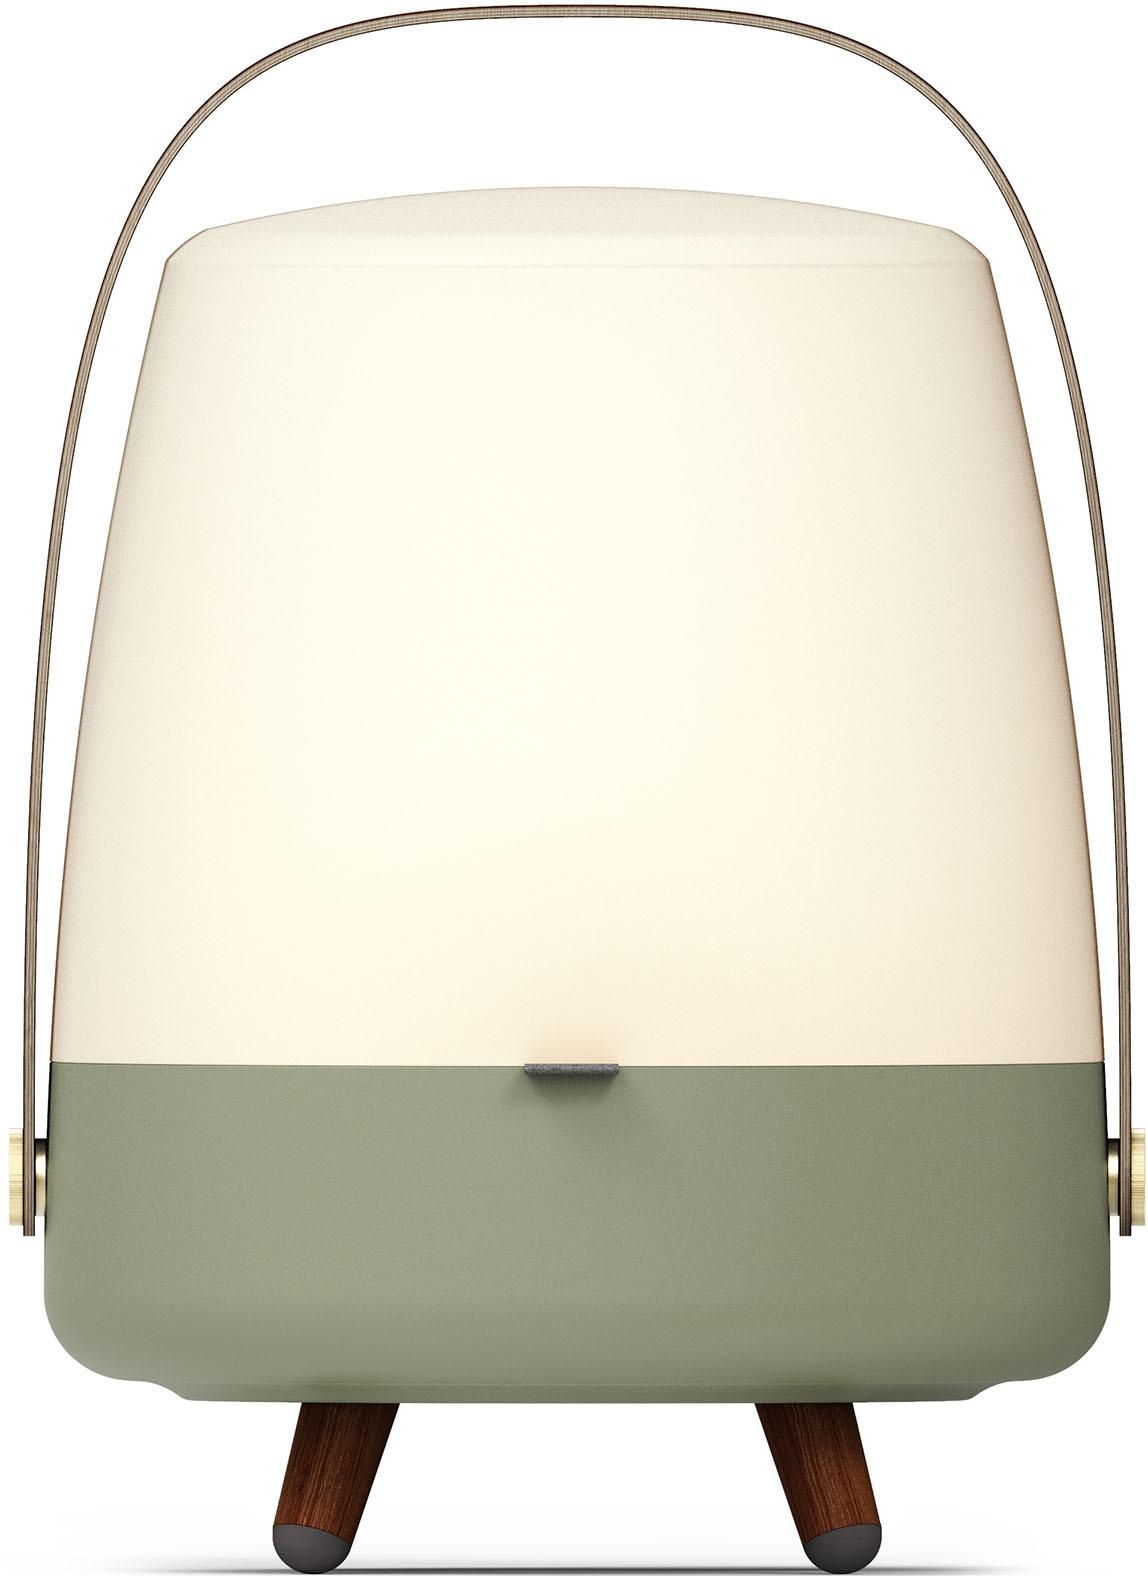 kooduu LED Tischleuchte Lite-up Play S, LED-Board, Warmweiß, tragbare LED Designer-Lampe, Bluetooth Lautsprecher mit Akku, eine witere S-Lampe koppelbar